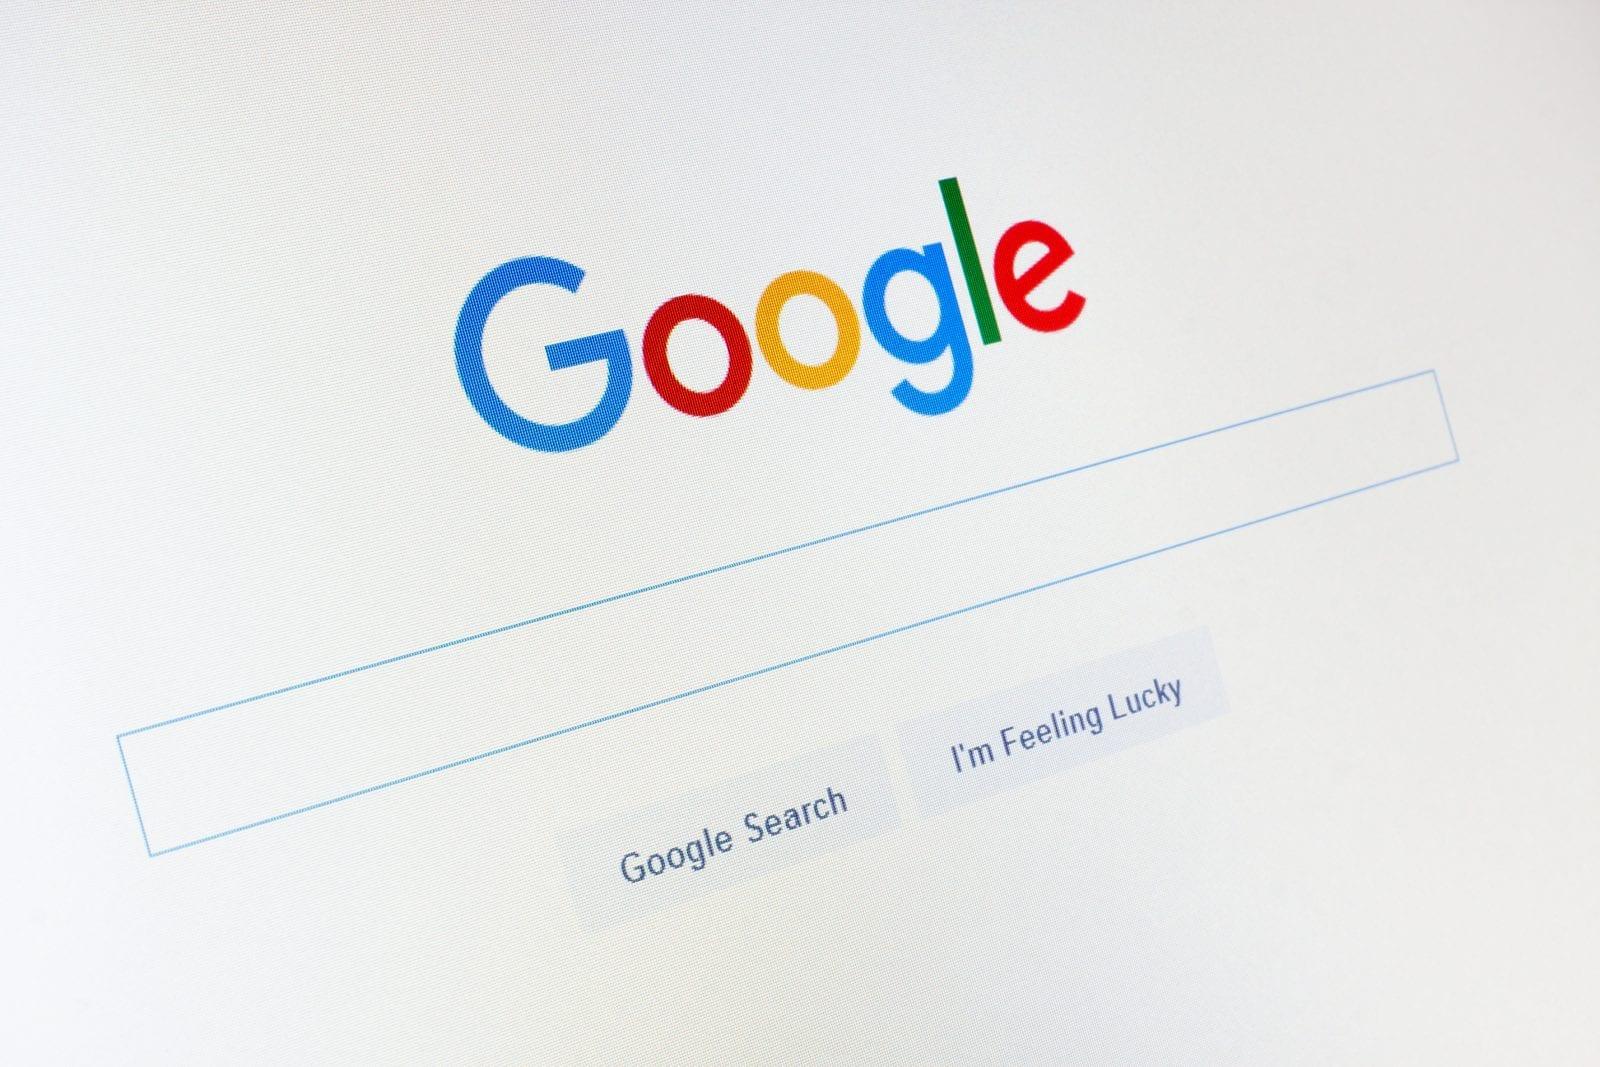 Google evidenzia (in giallo) i risultati delle ricerche all'interno dei siti